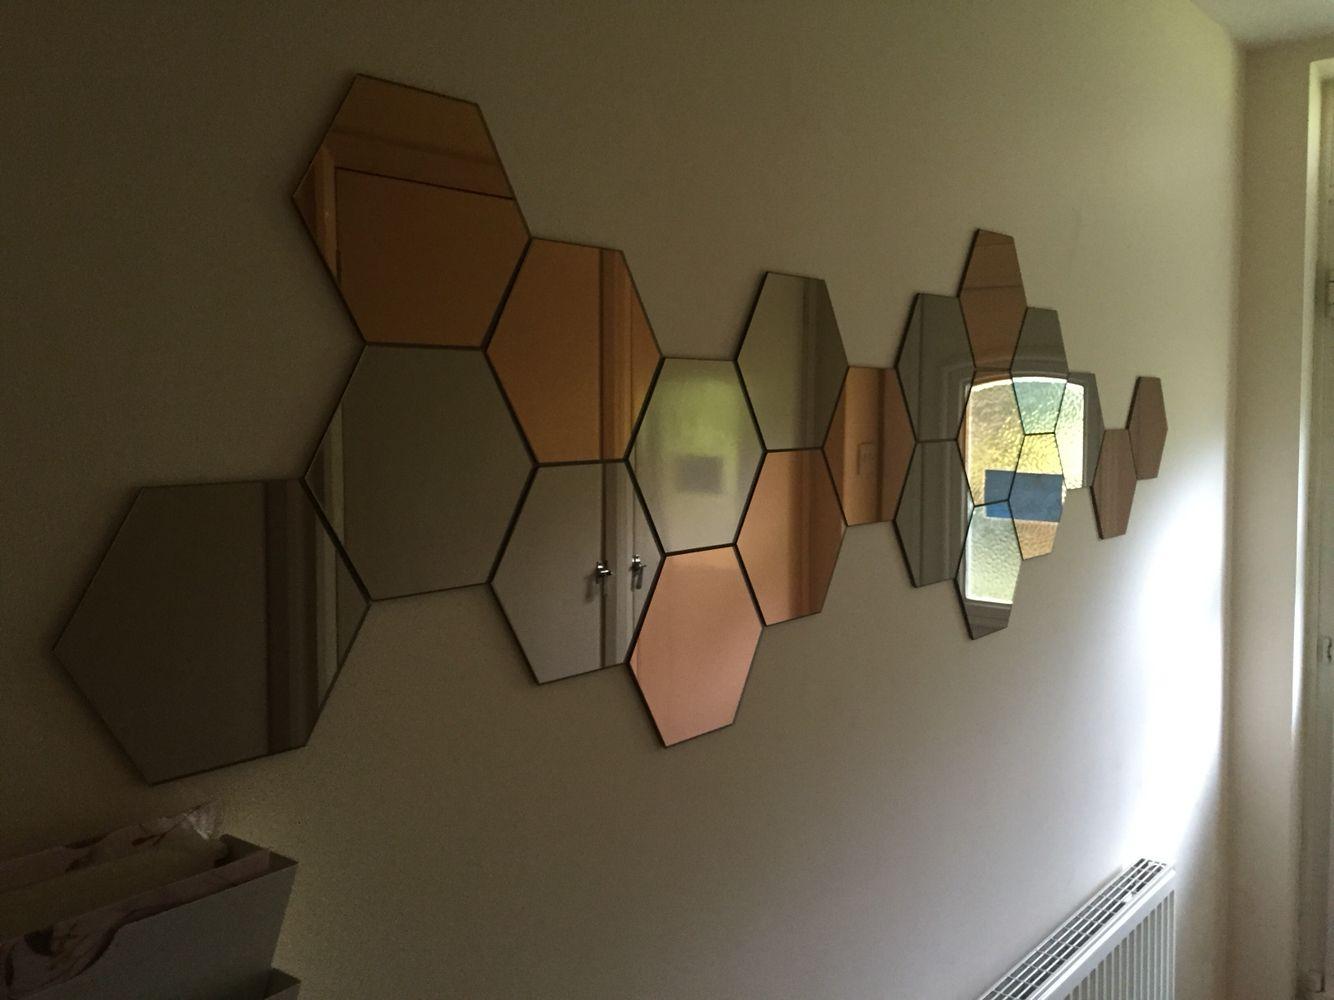 Ikea Hexagonal Mirrors In Custom Arrangement Big Wall Mirrors Mirror Wall Framed Mirror Wall